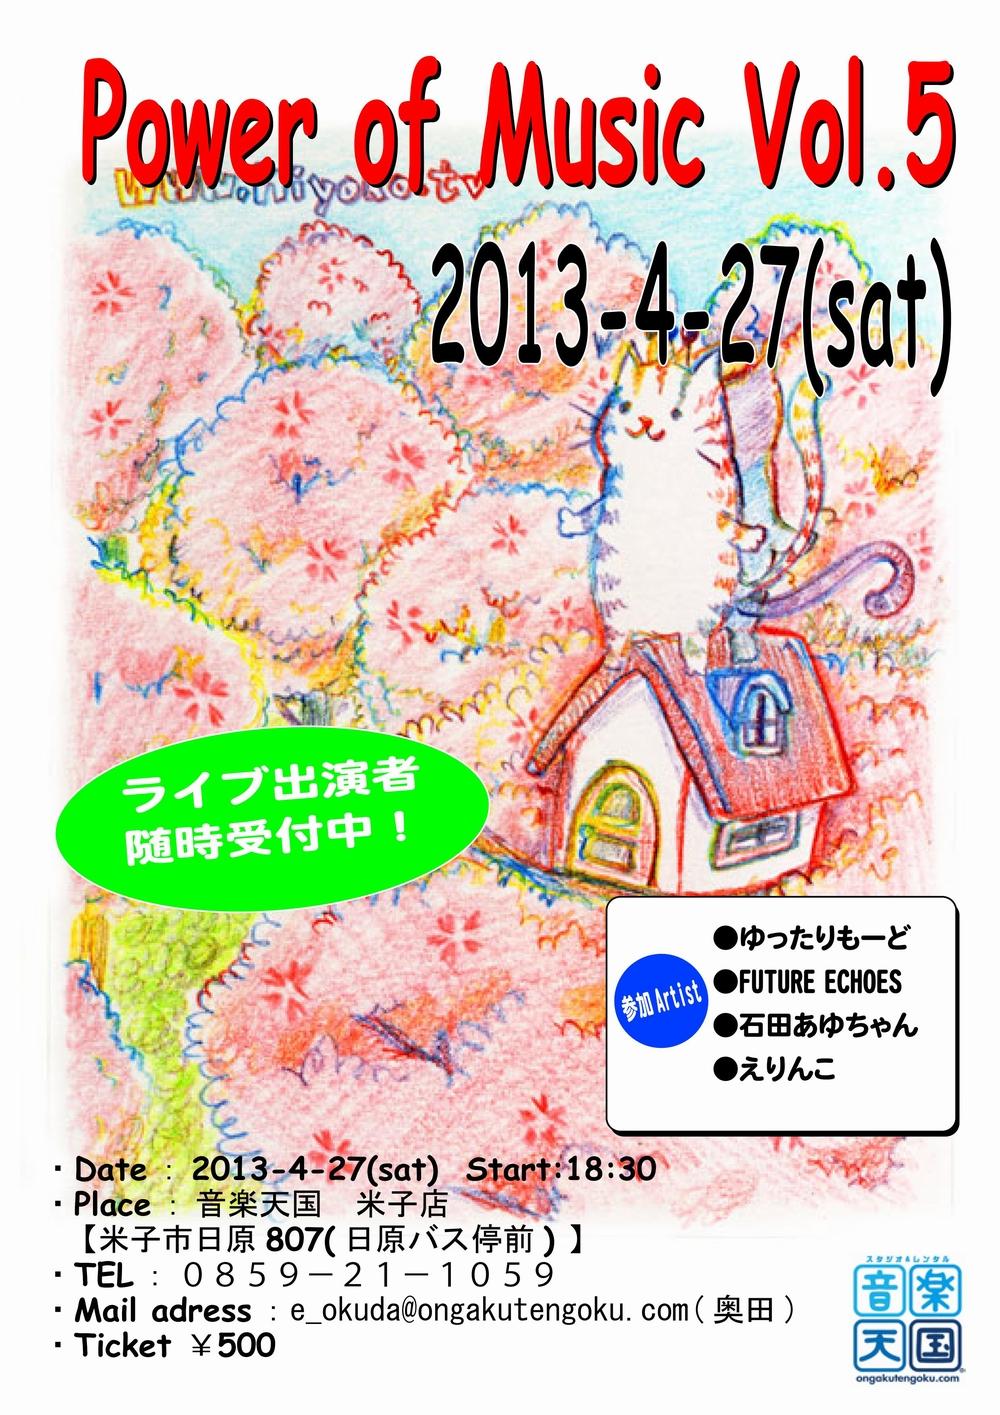 スタジオライブ@米子FS店4月27日(土)開催!